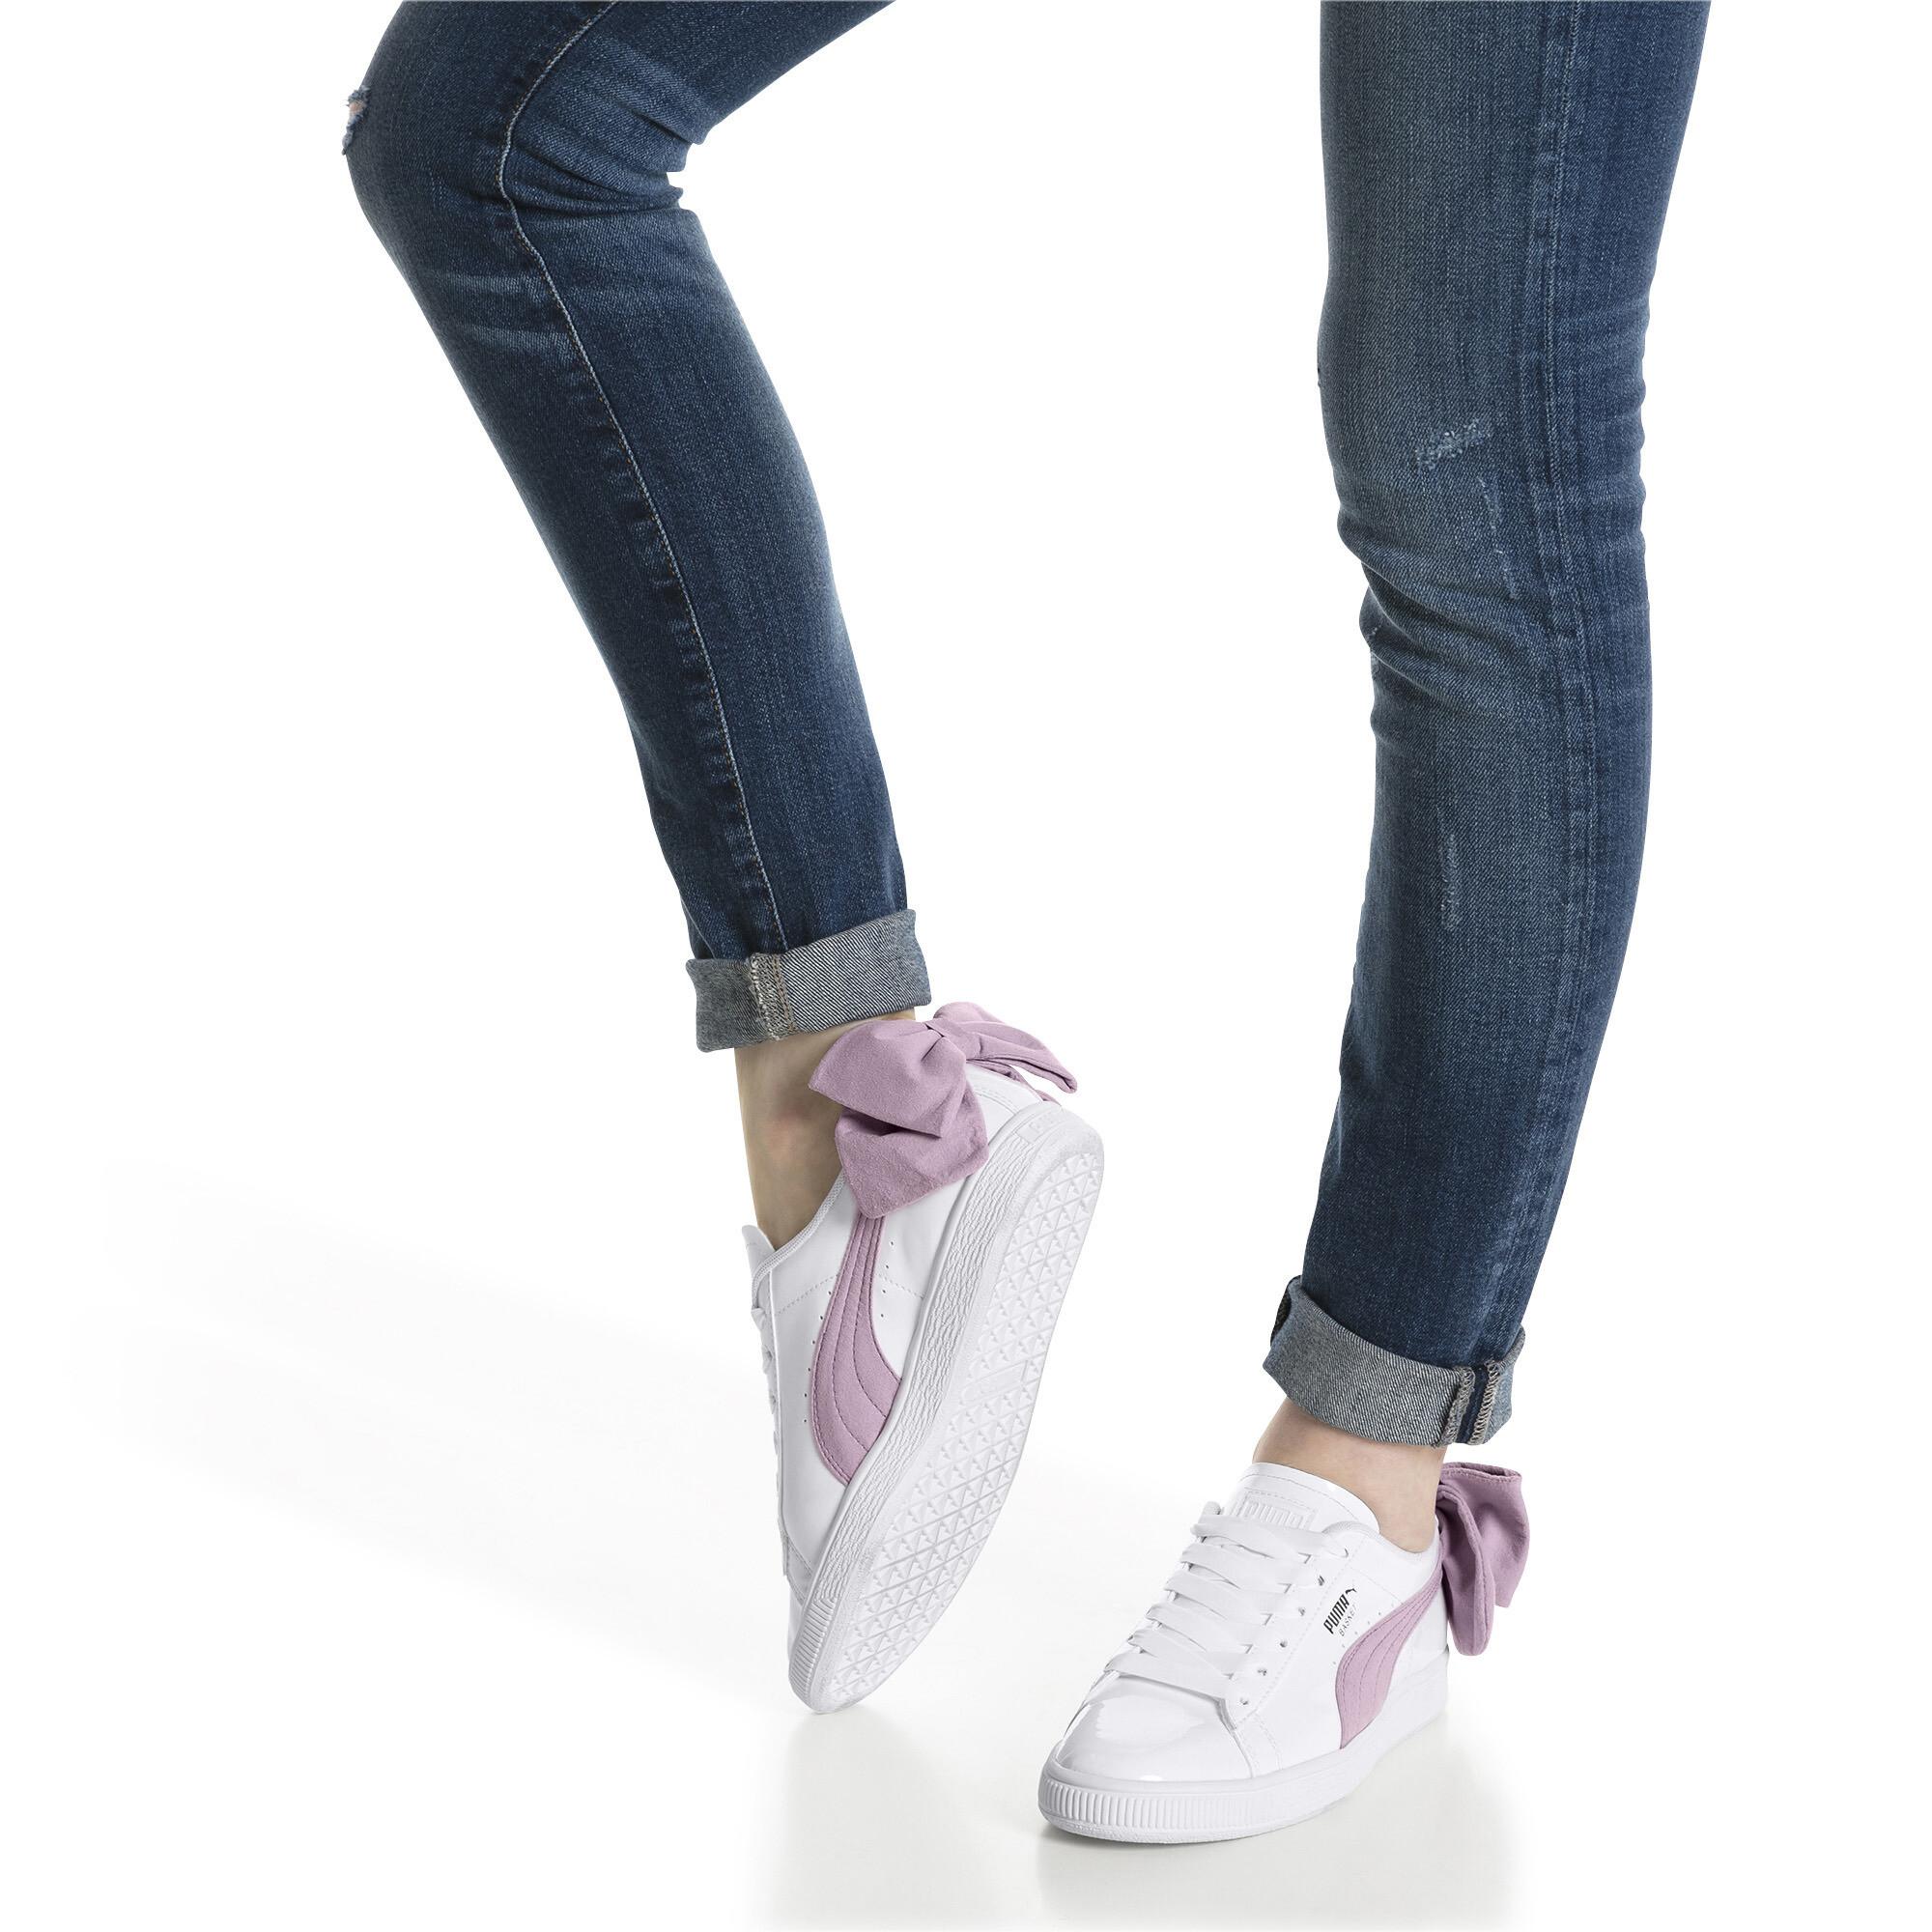 détaillant en ligne 9d405 6ced6 Details about PUMA Basket Suede Bow Women's Sneakers Women Shoe Sport  Classics